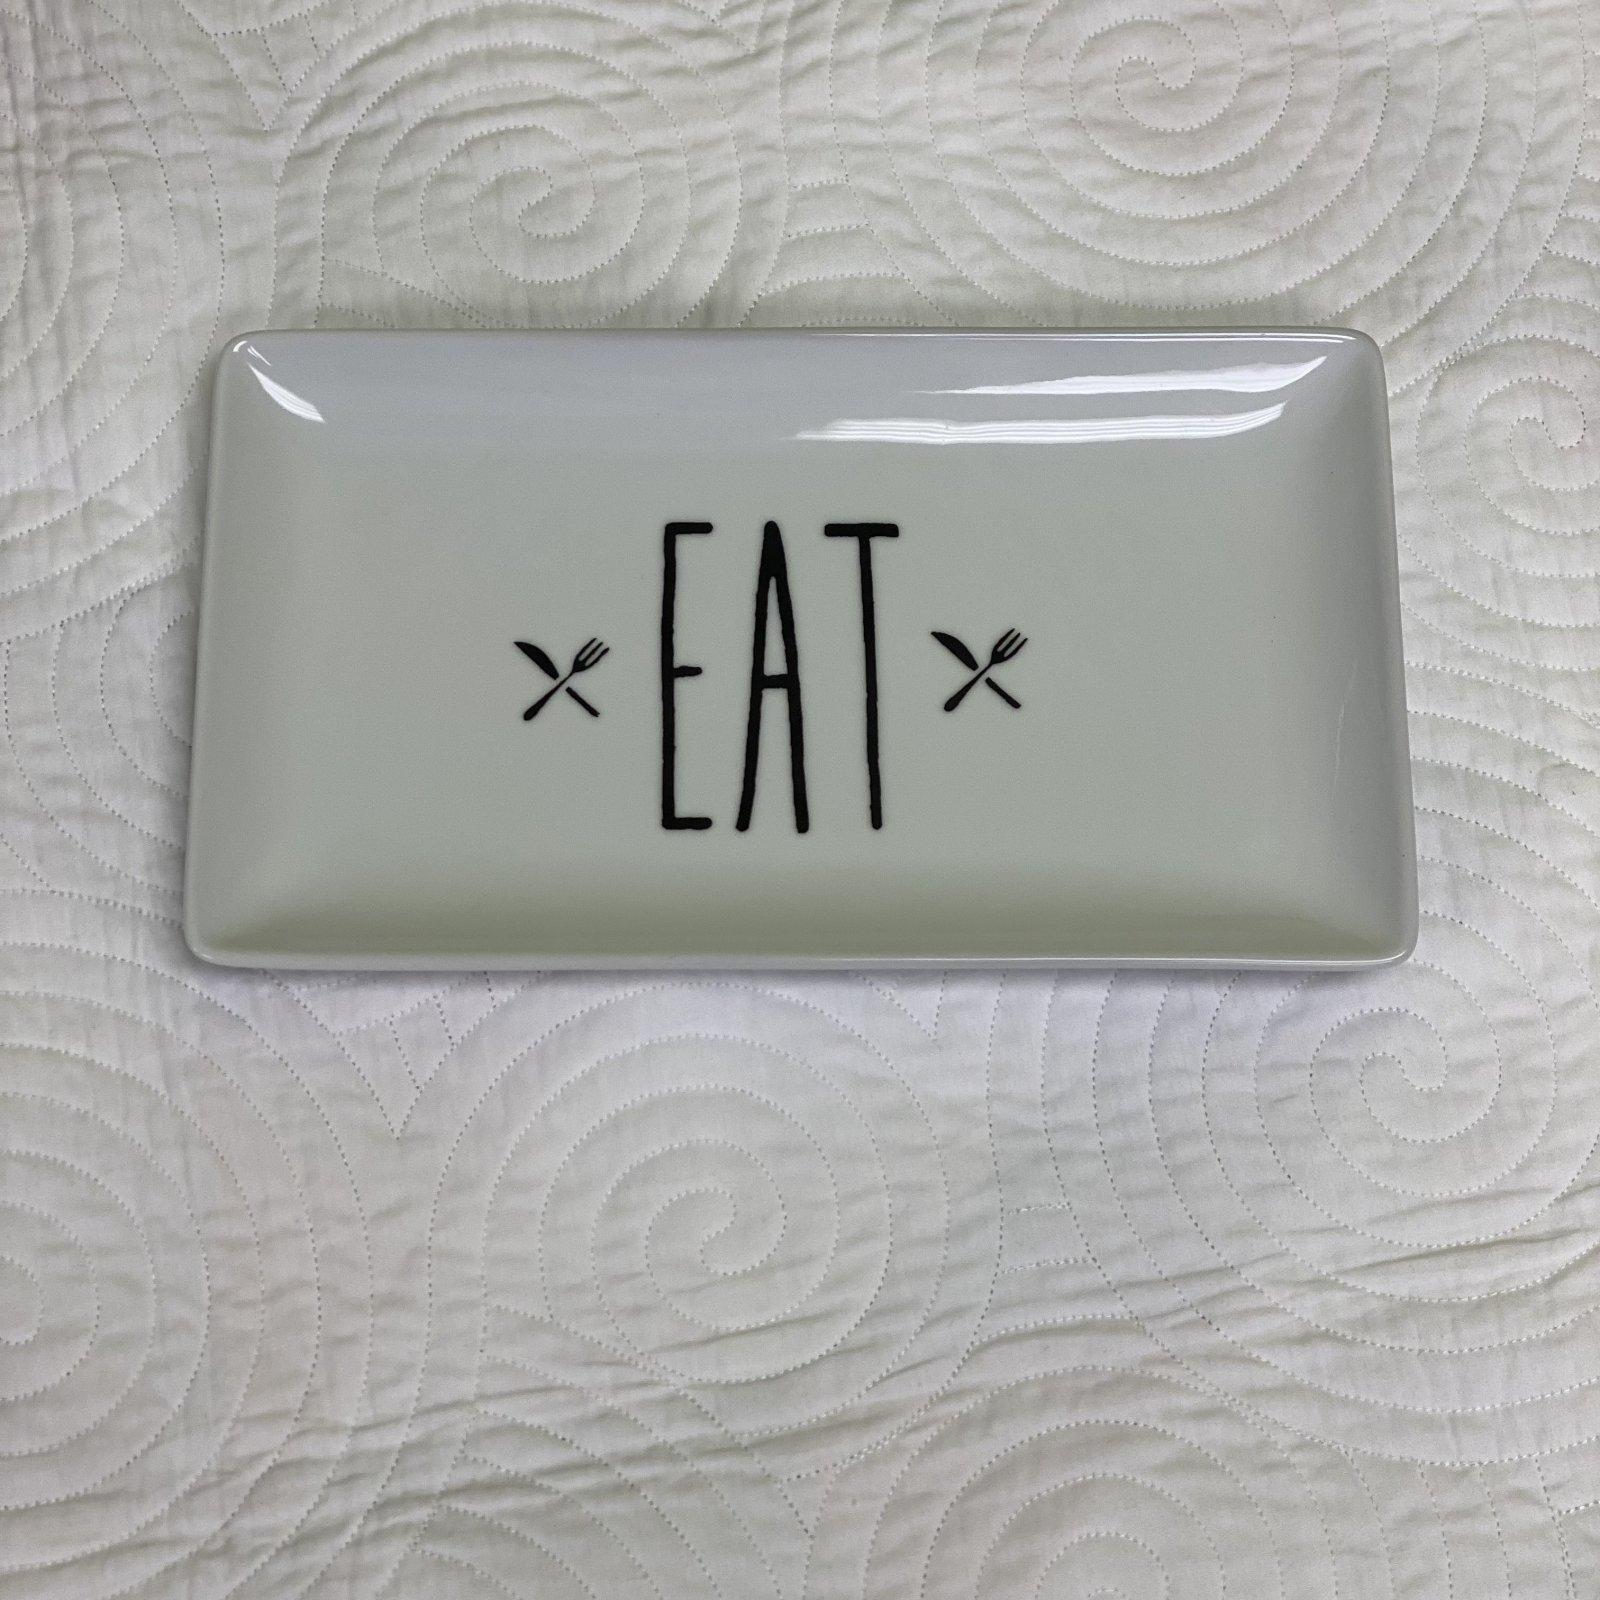 Eat Dish